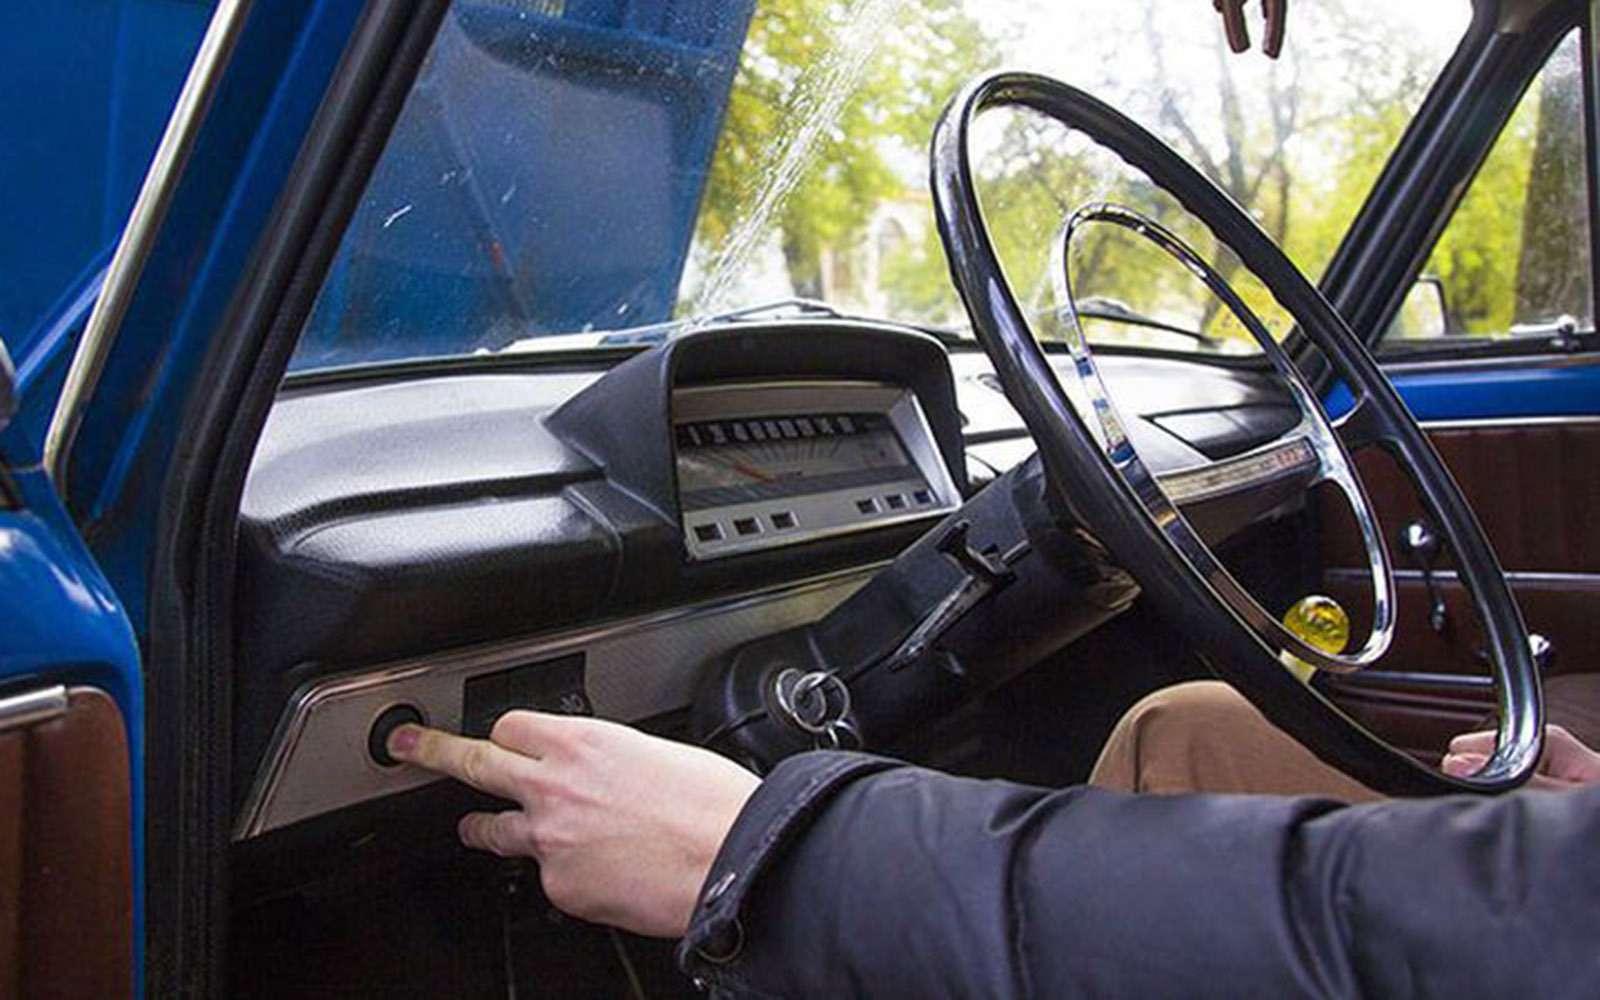 Отсоветского Левши: палец вместо насоса, велодвигатель, Ермак изНАМИ— фото 739812